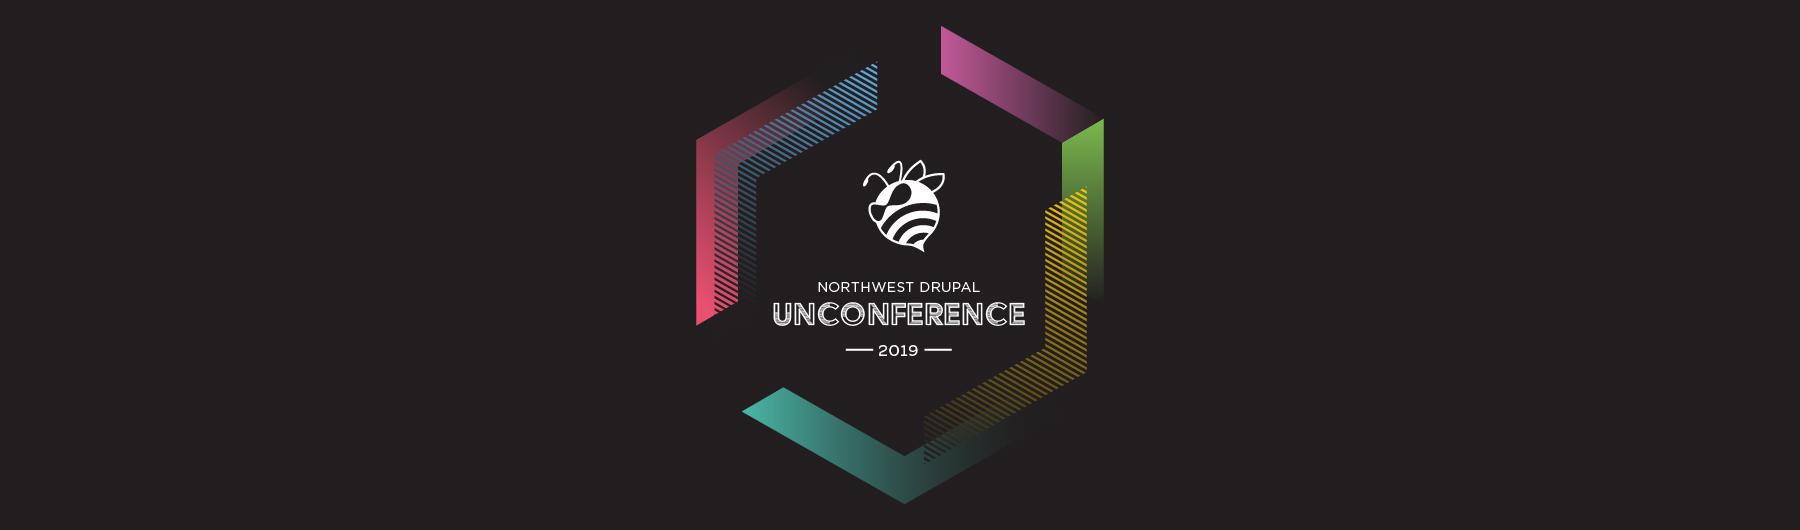 NWDUG 2019 Unconference